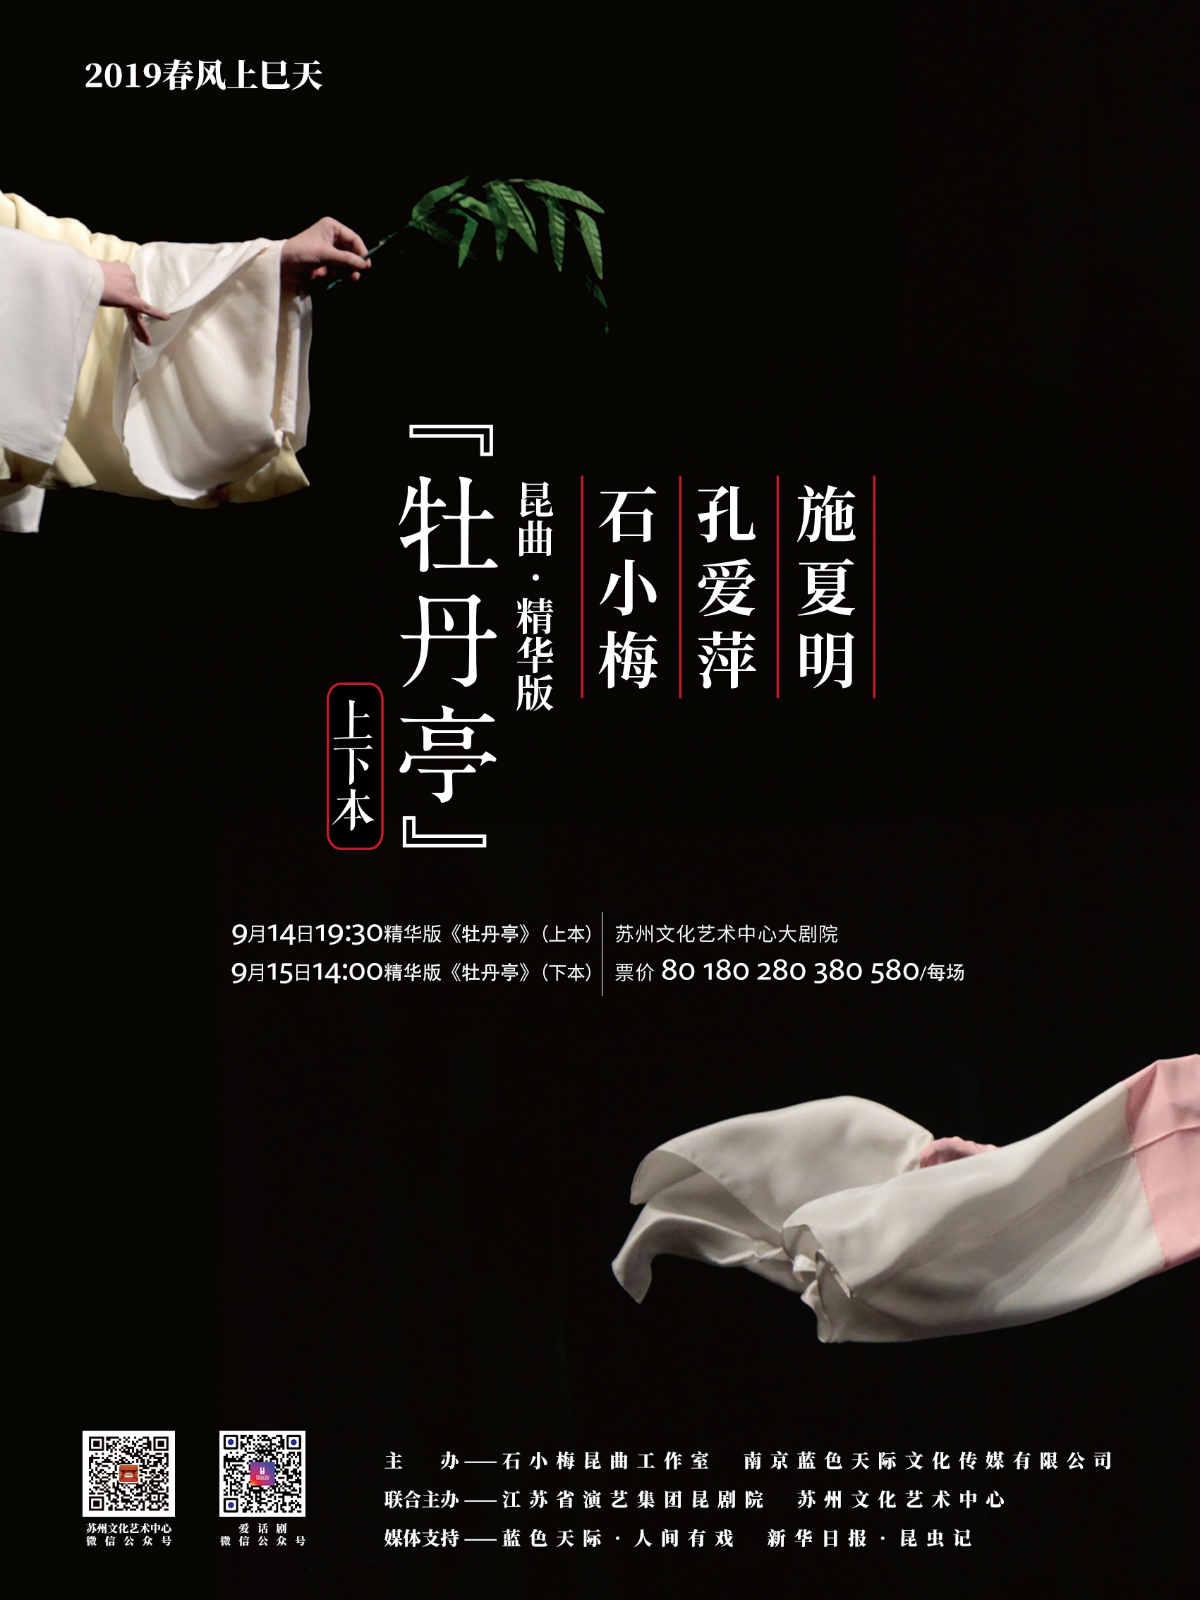 2019·春风上巳天 【昆曲】精华版《牡丹亭》(下本)(合作)